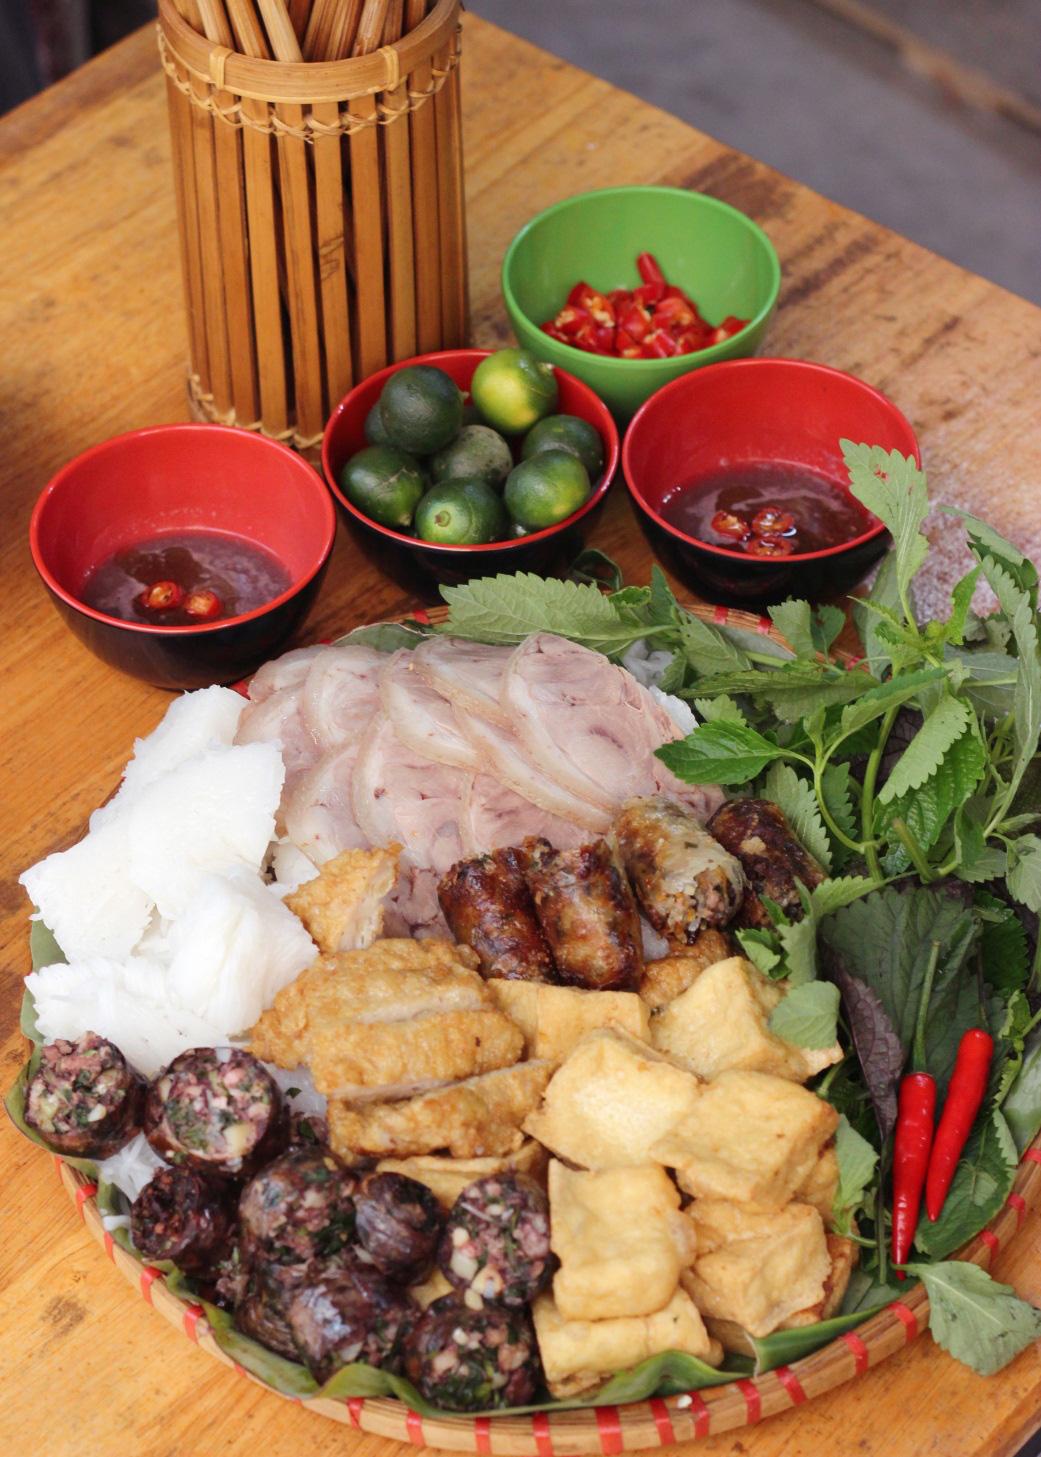 Địa chỉ cho hội sành ăn - Bún đậu mắm tôm Trần Thái Tông - Ảnh 3.